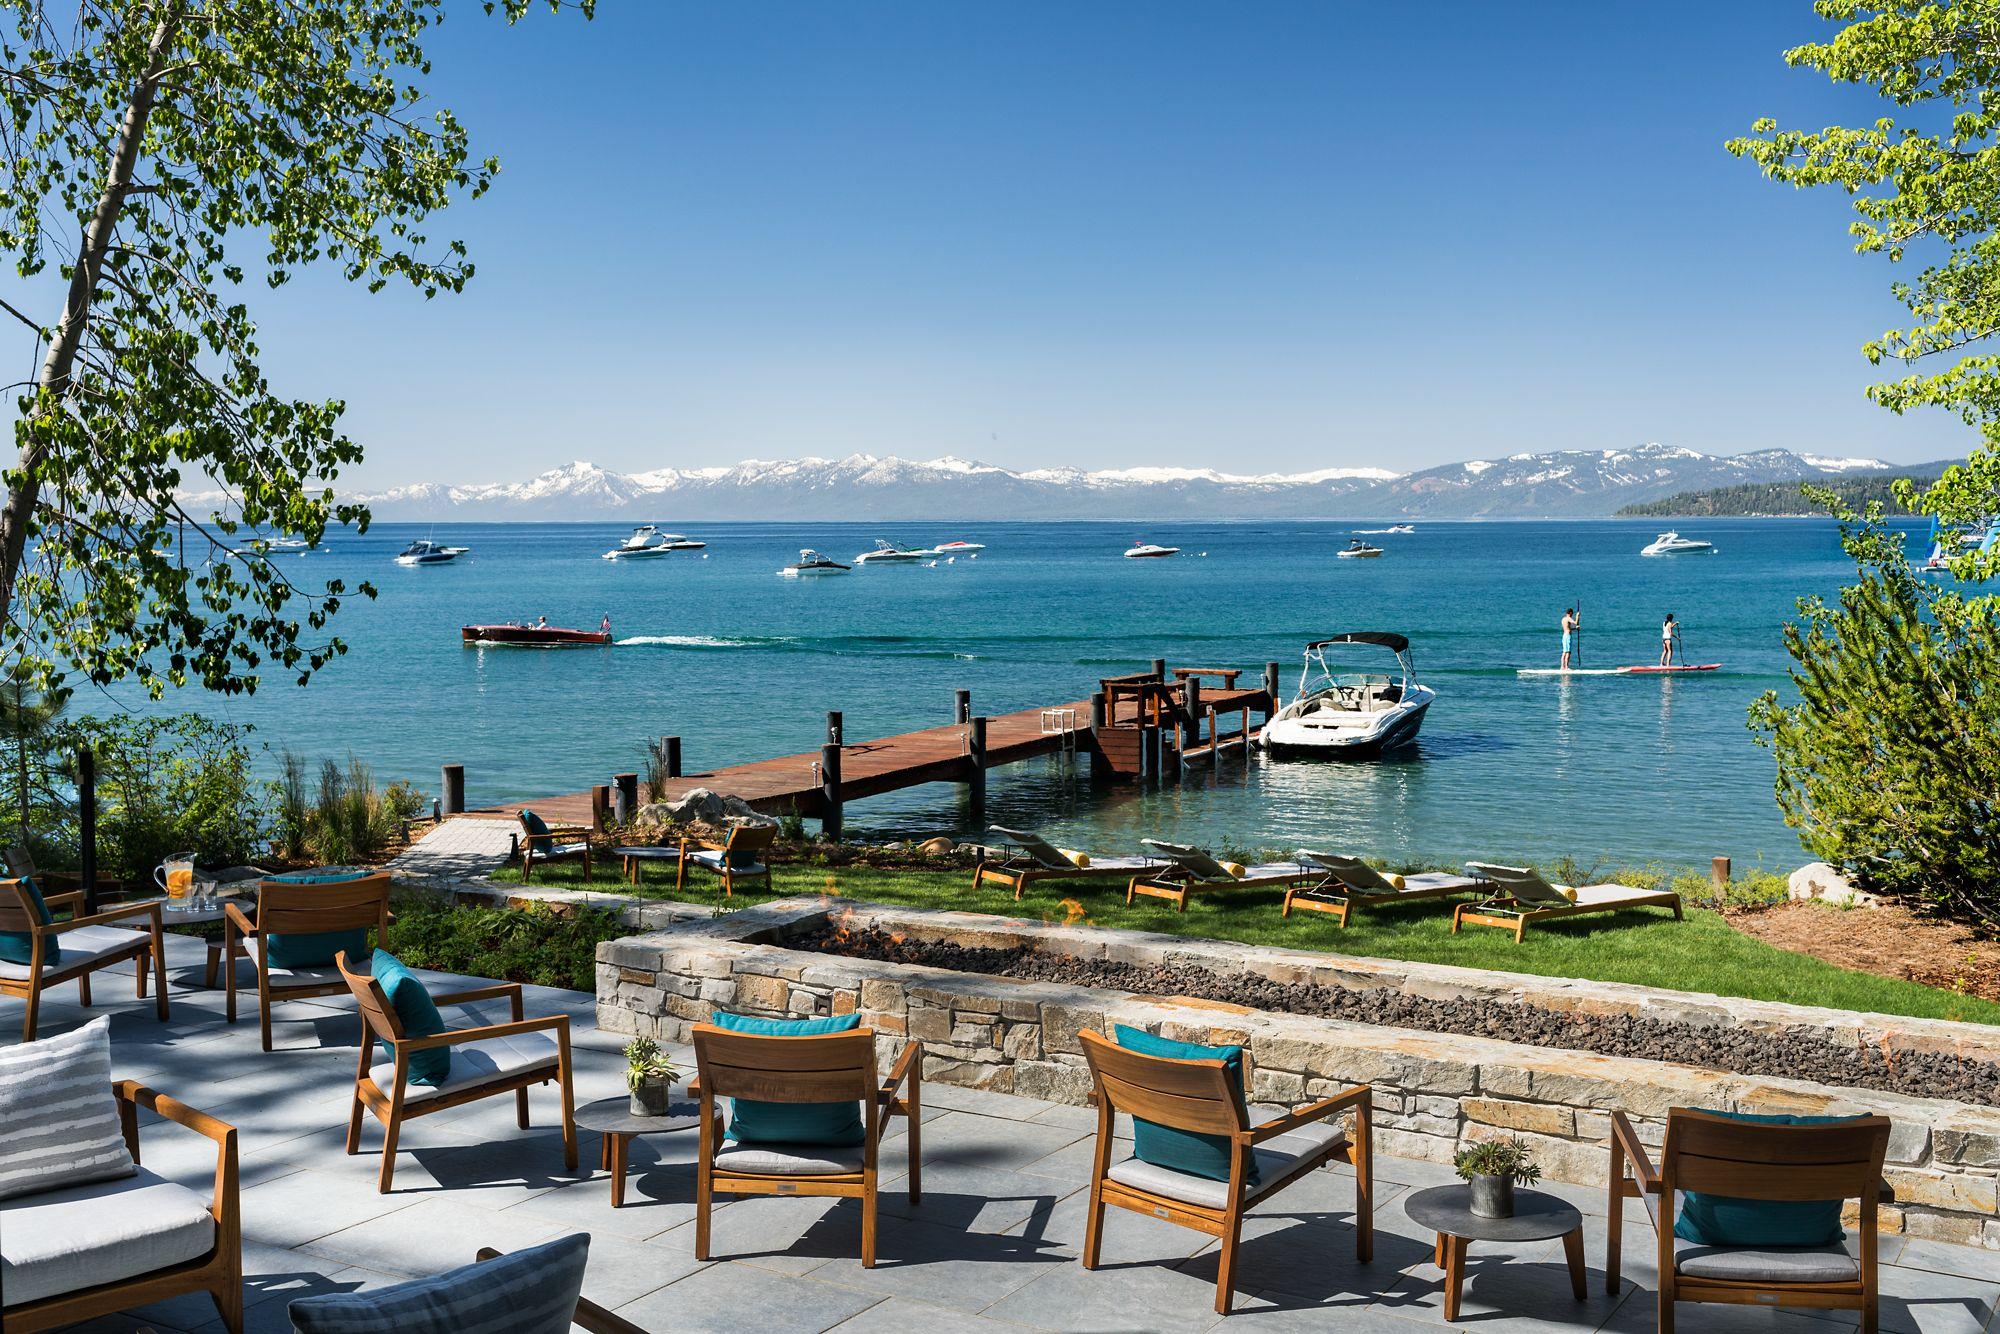 Hotels In North Lake Tahoe North Lake Tahoe Resorts The Ritz Carlton Lake Tahoe